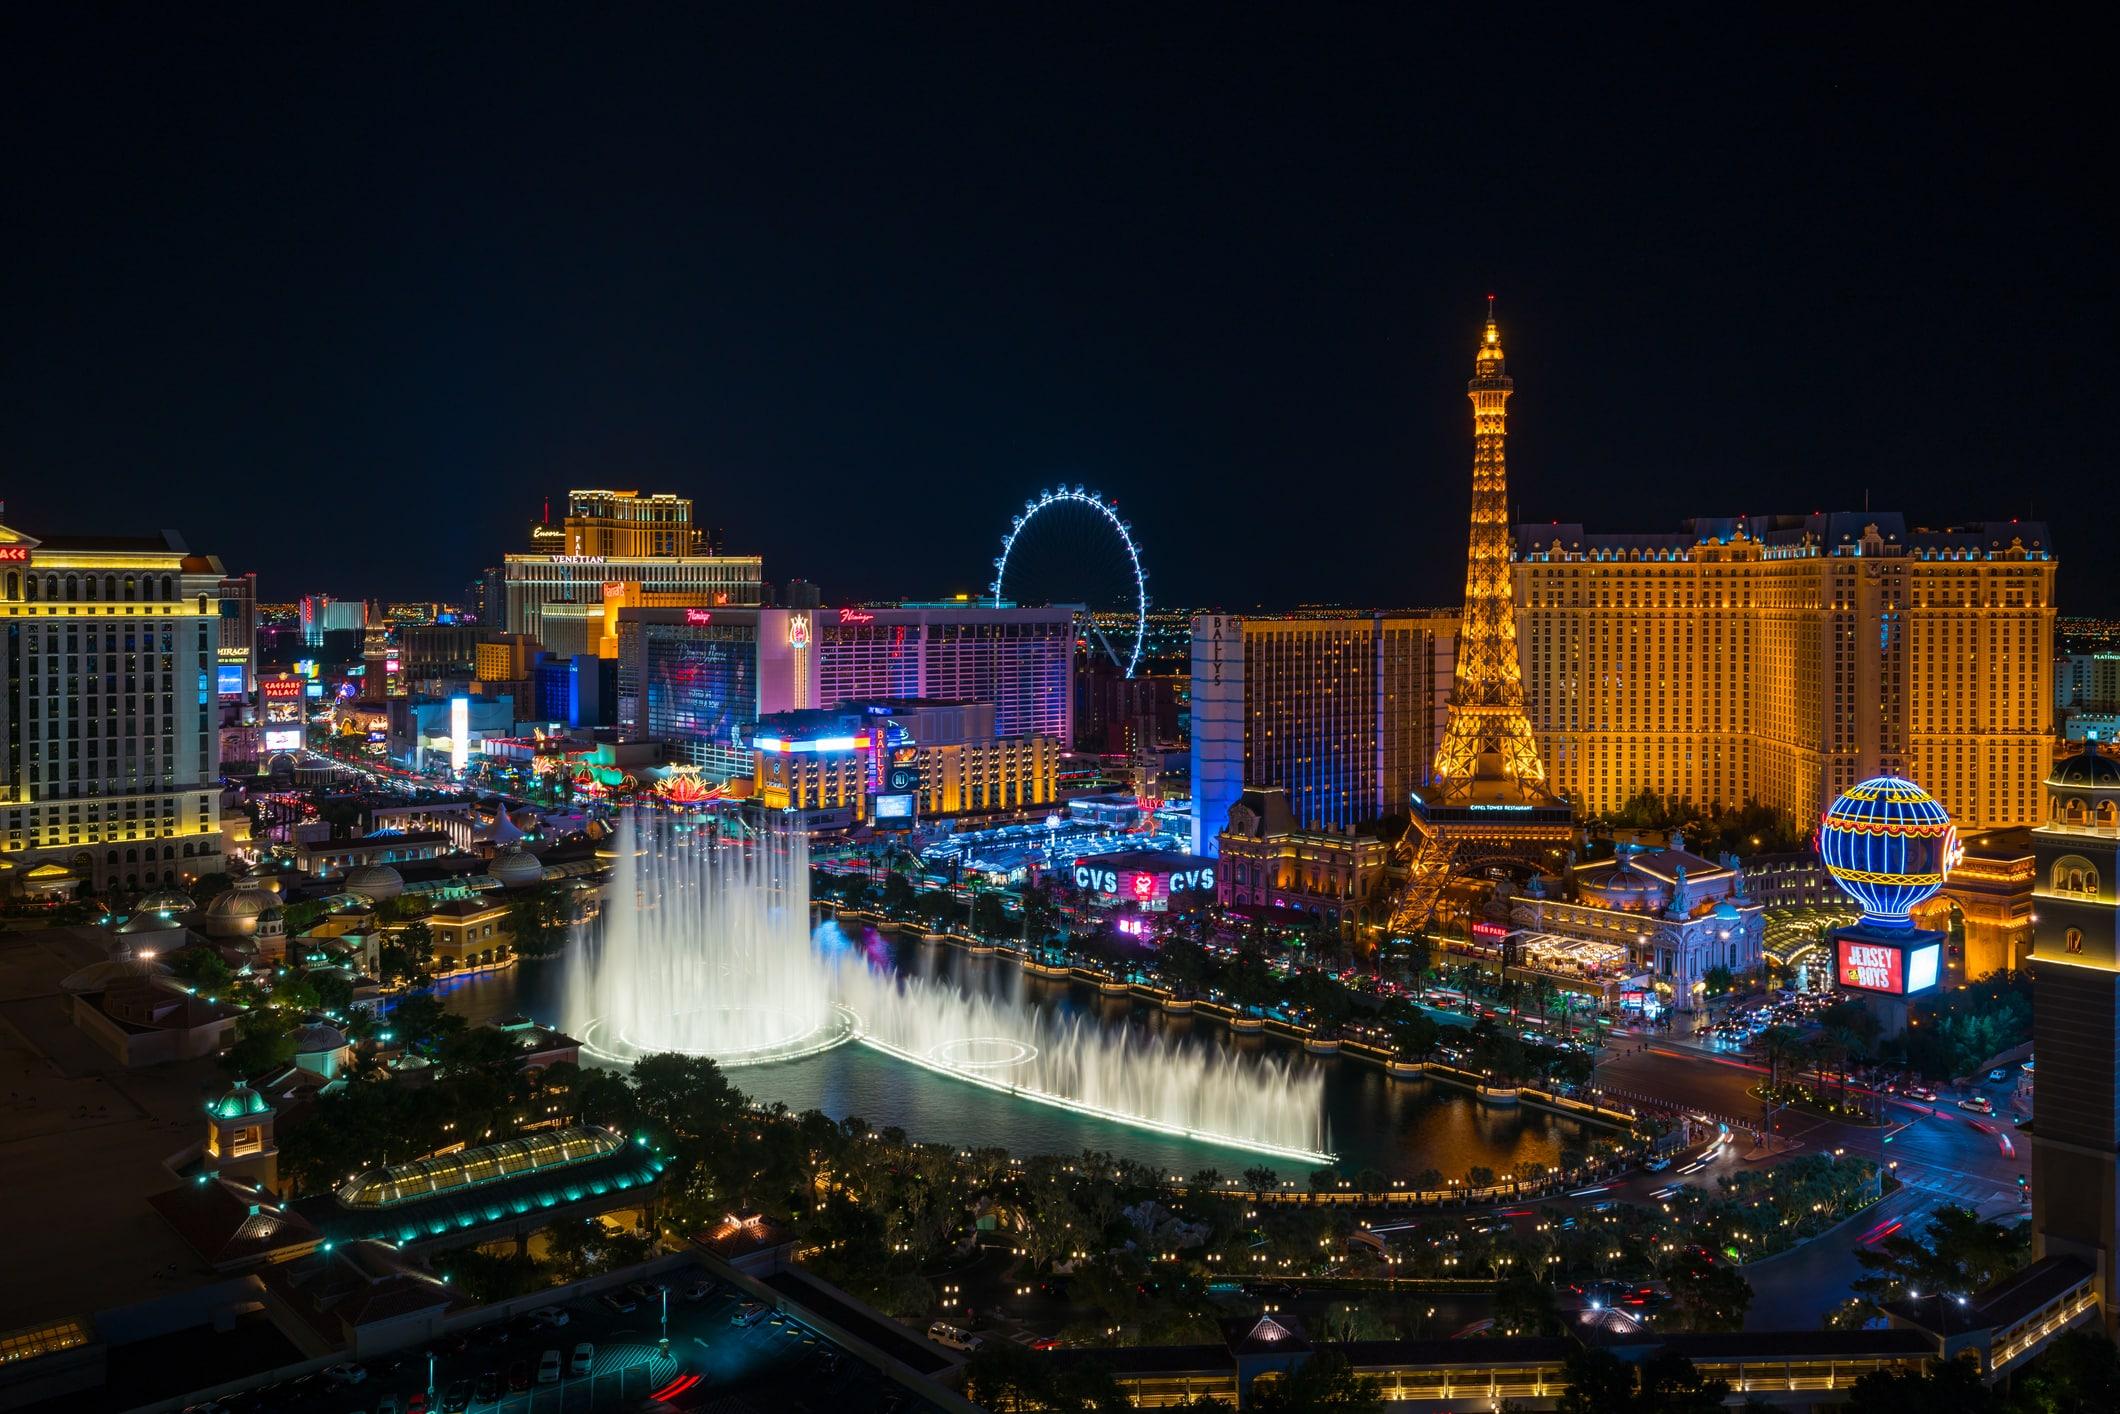 XPLOR19 (Las Vegas)